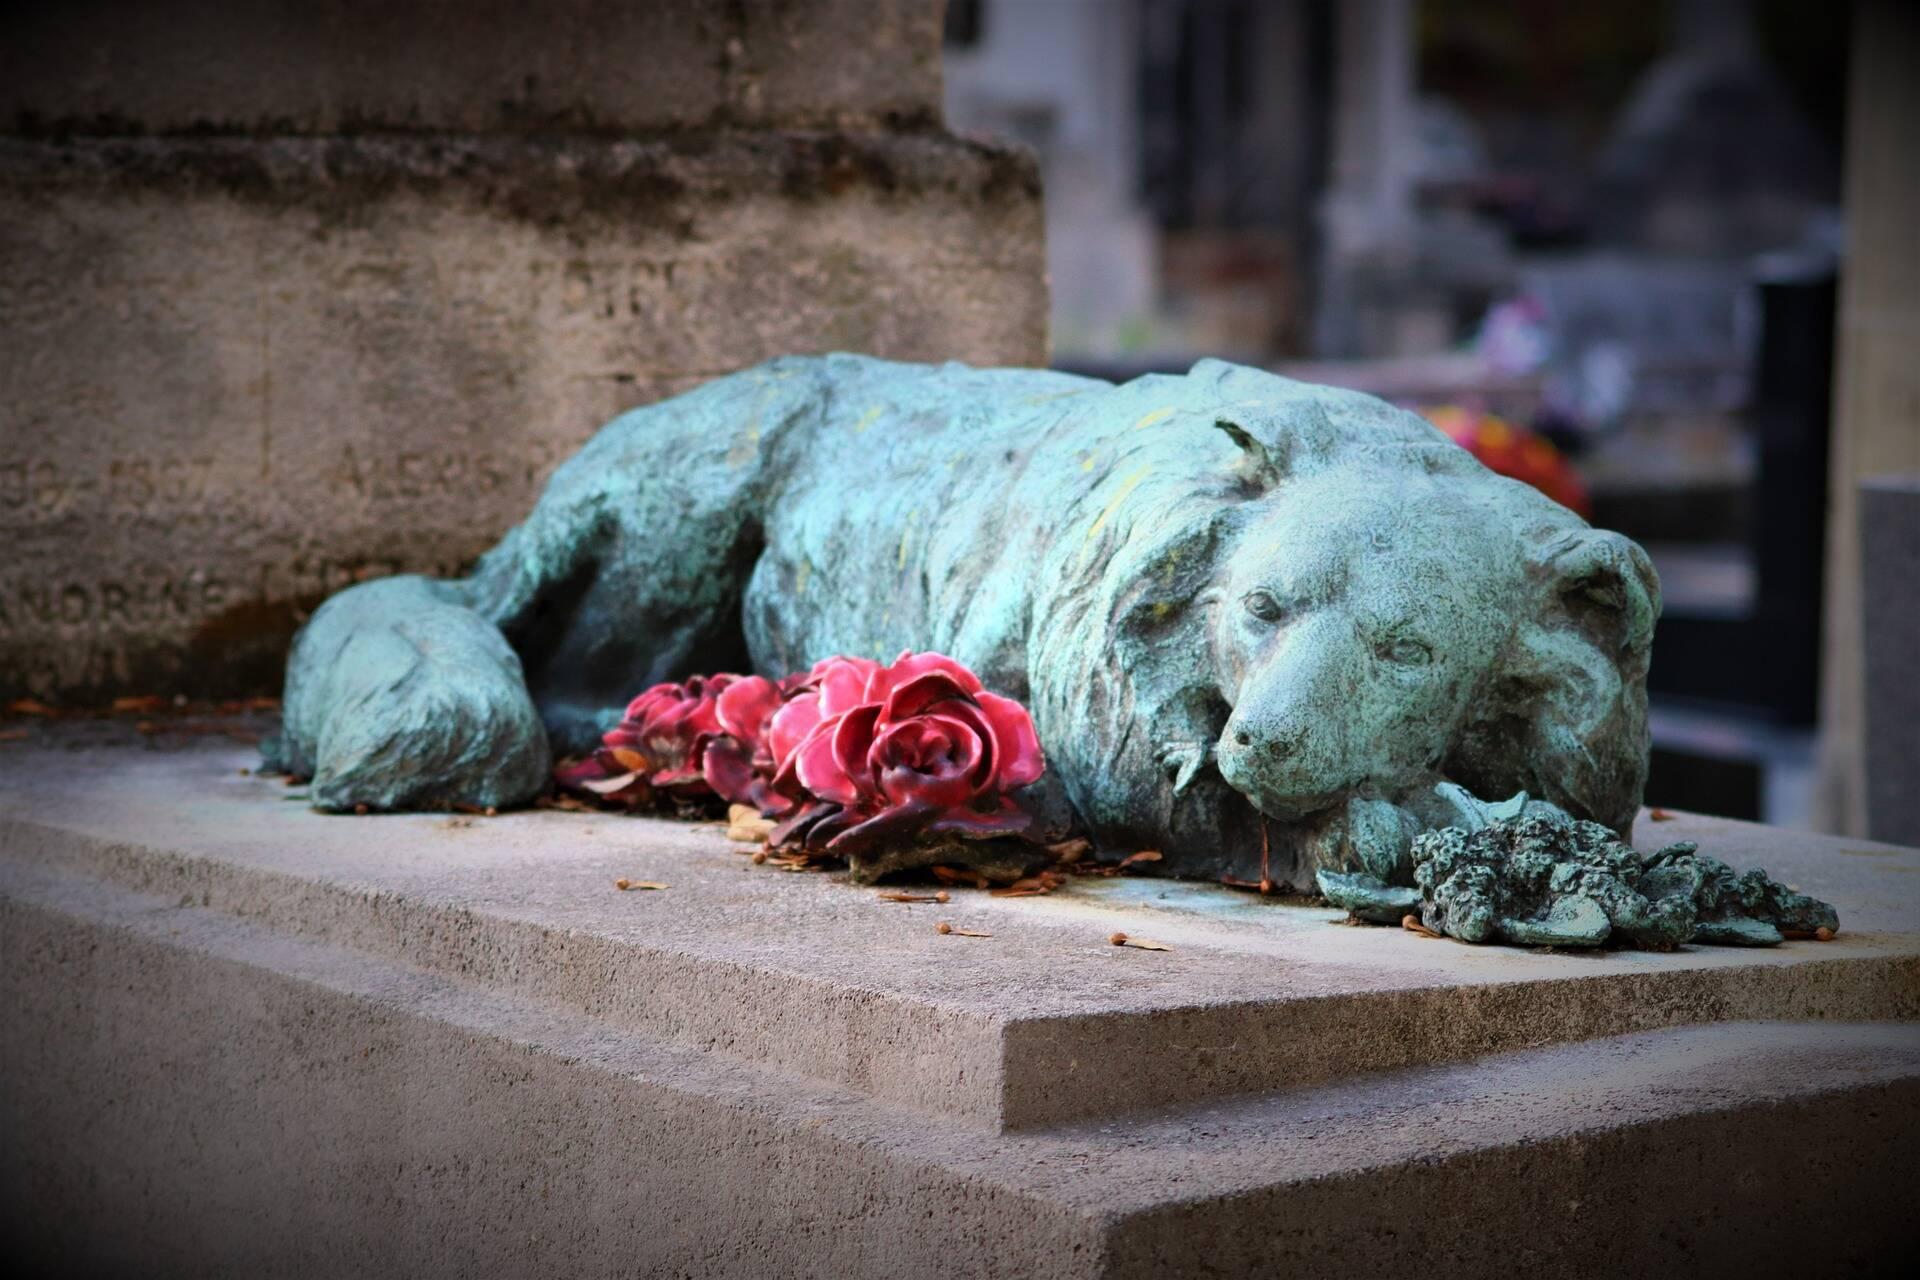 Projeto de lei defende que pets possam ser enterrados no túmulo da família